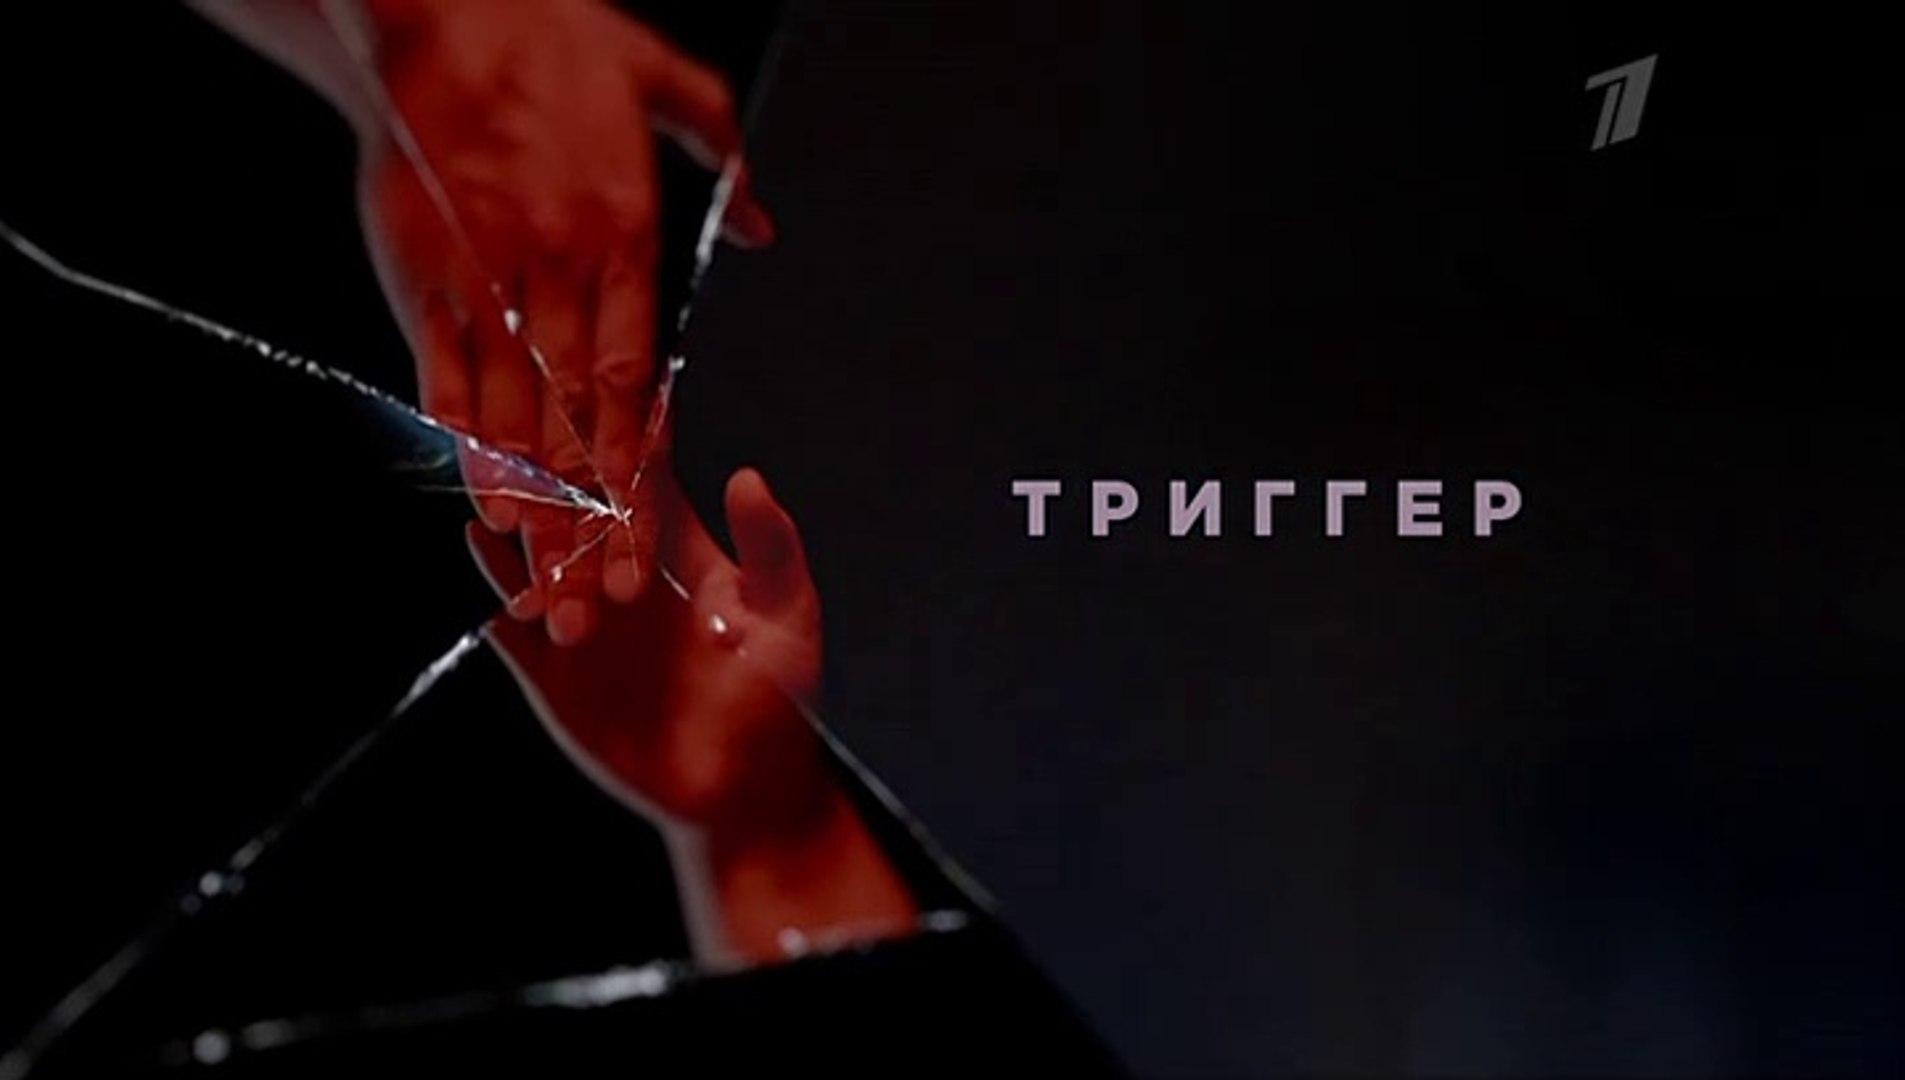 Триггер - 4 серия (2020) смотреть онлайн